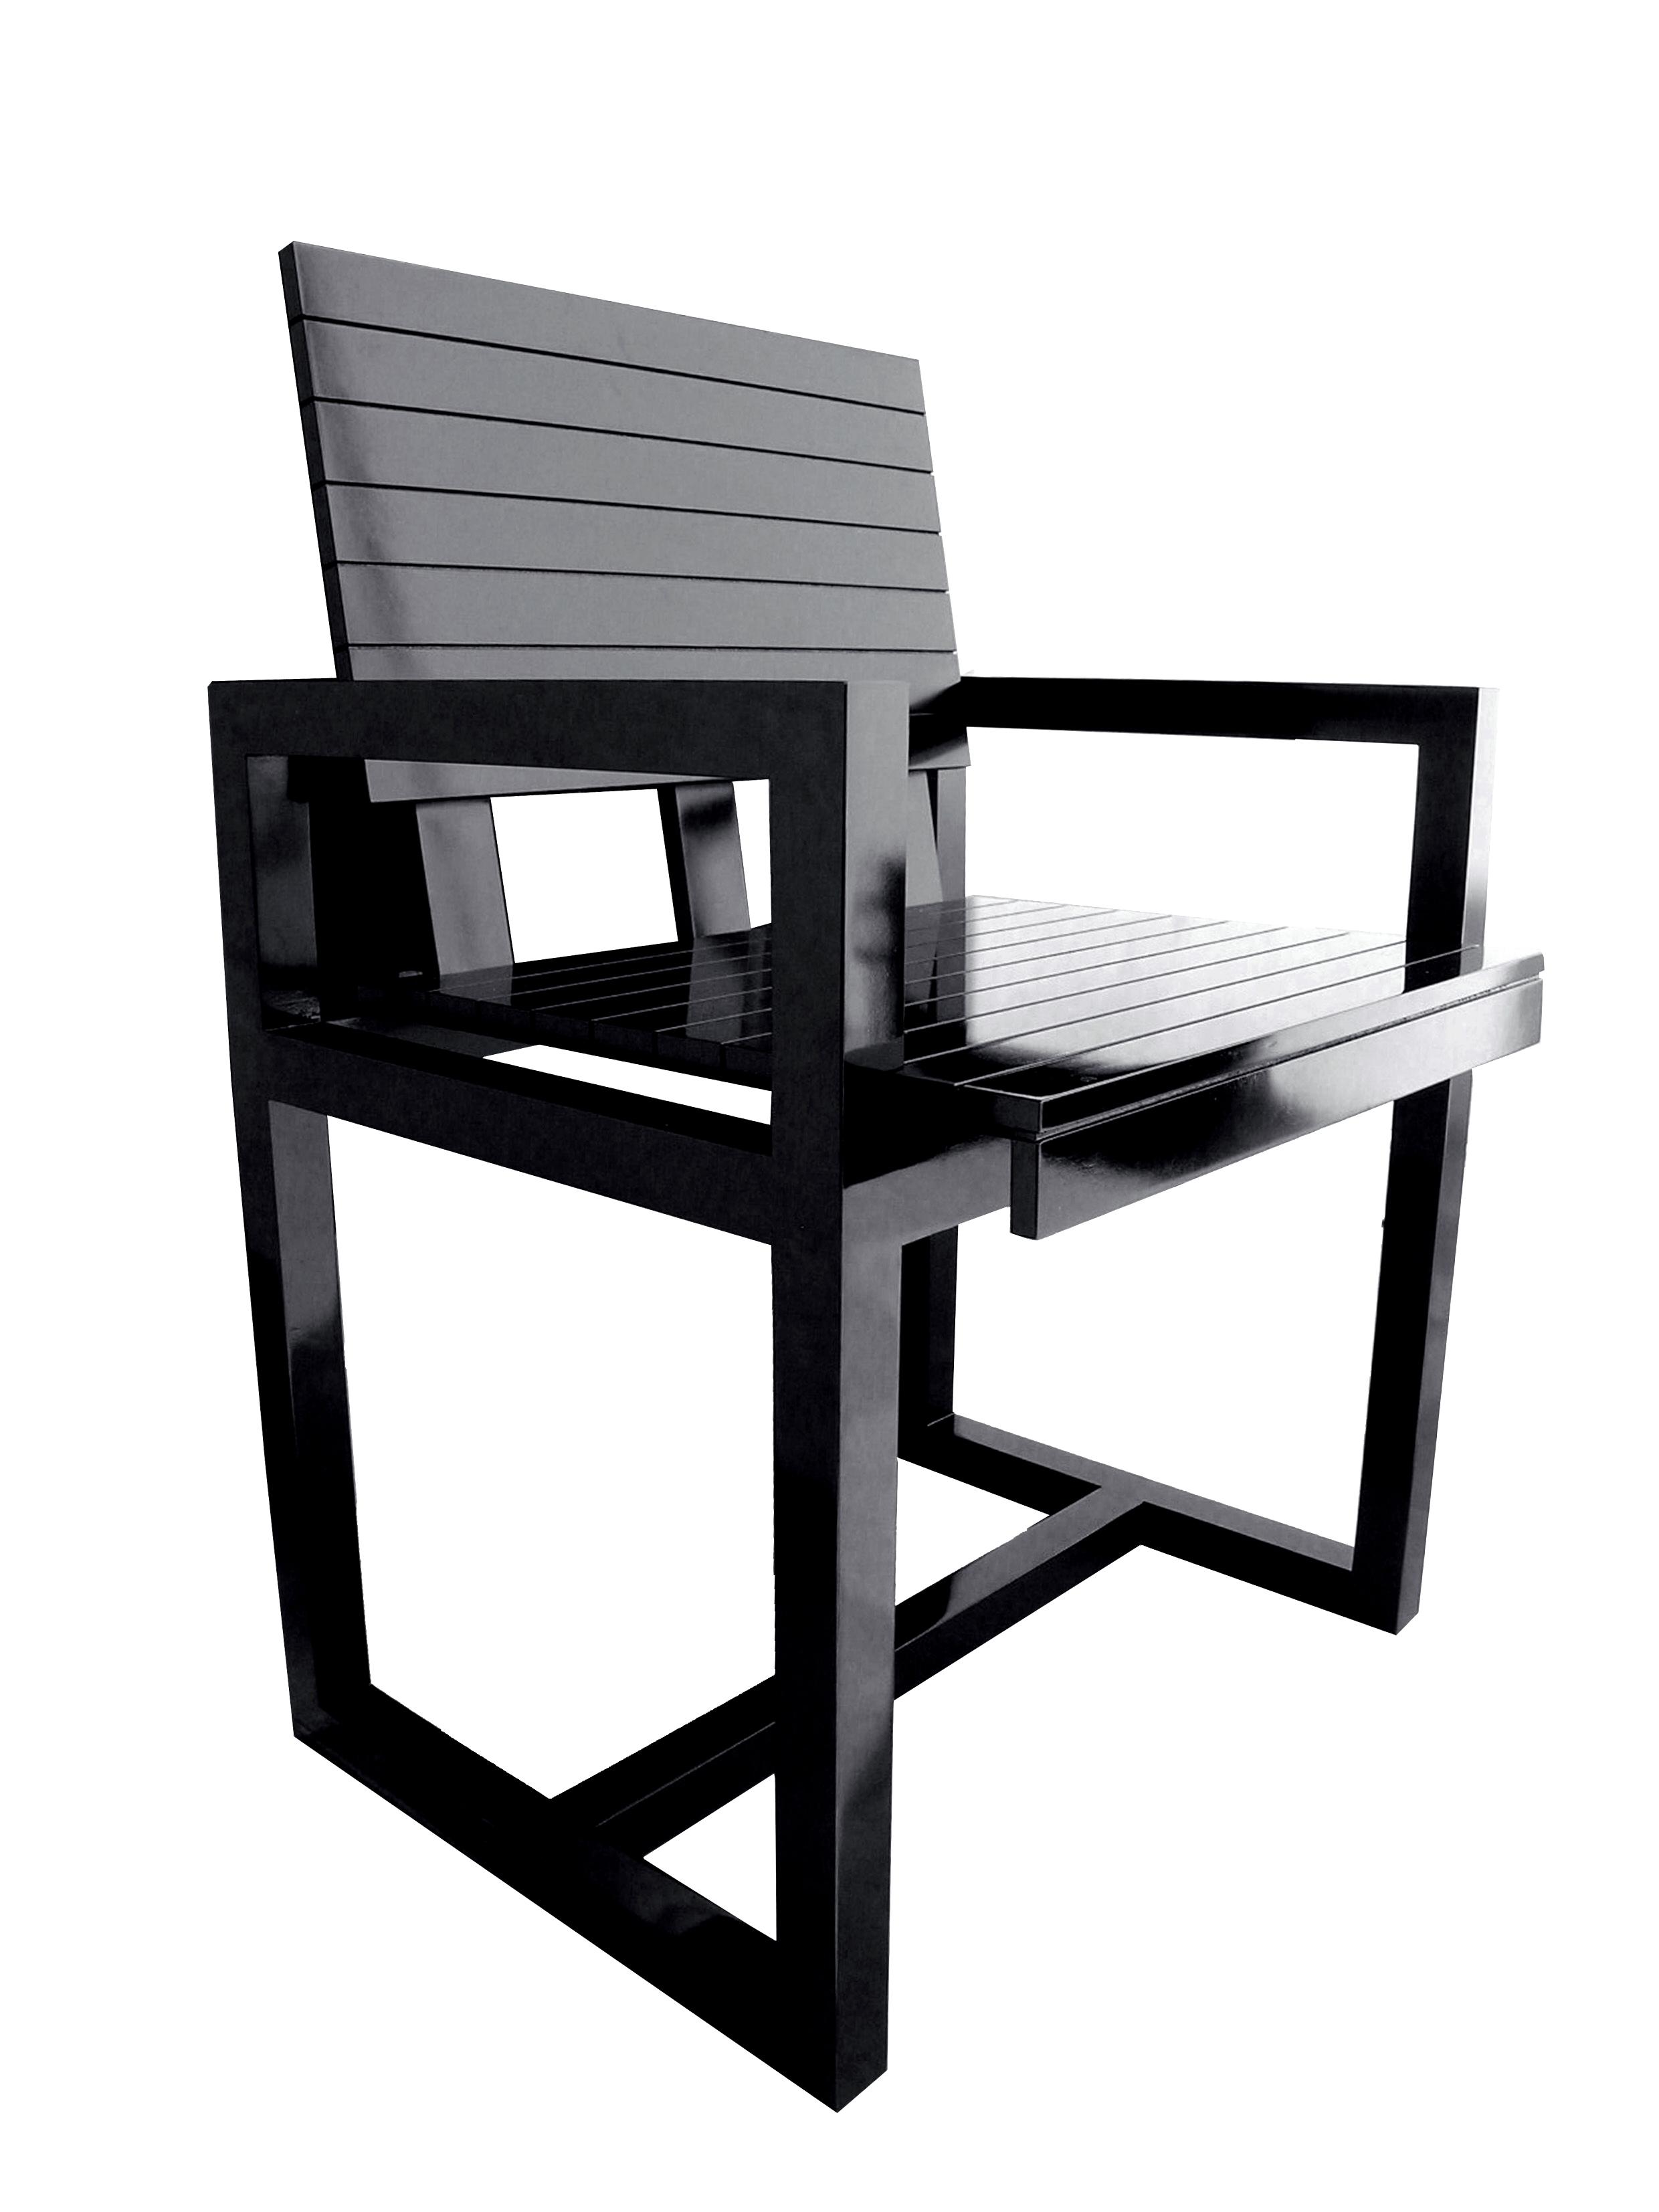 Cadeira IPANEMA Negra.Estevão Toledo.2012